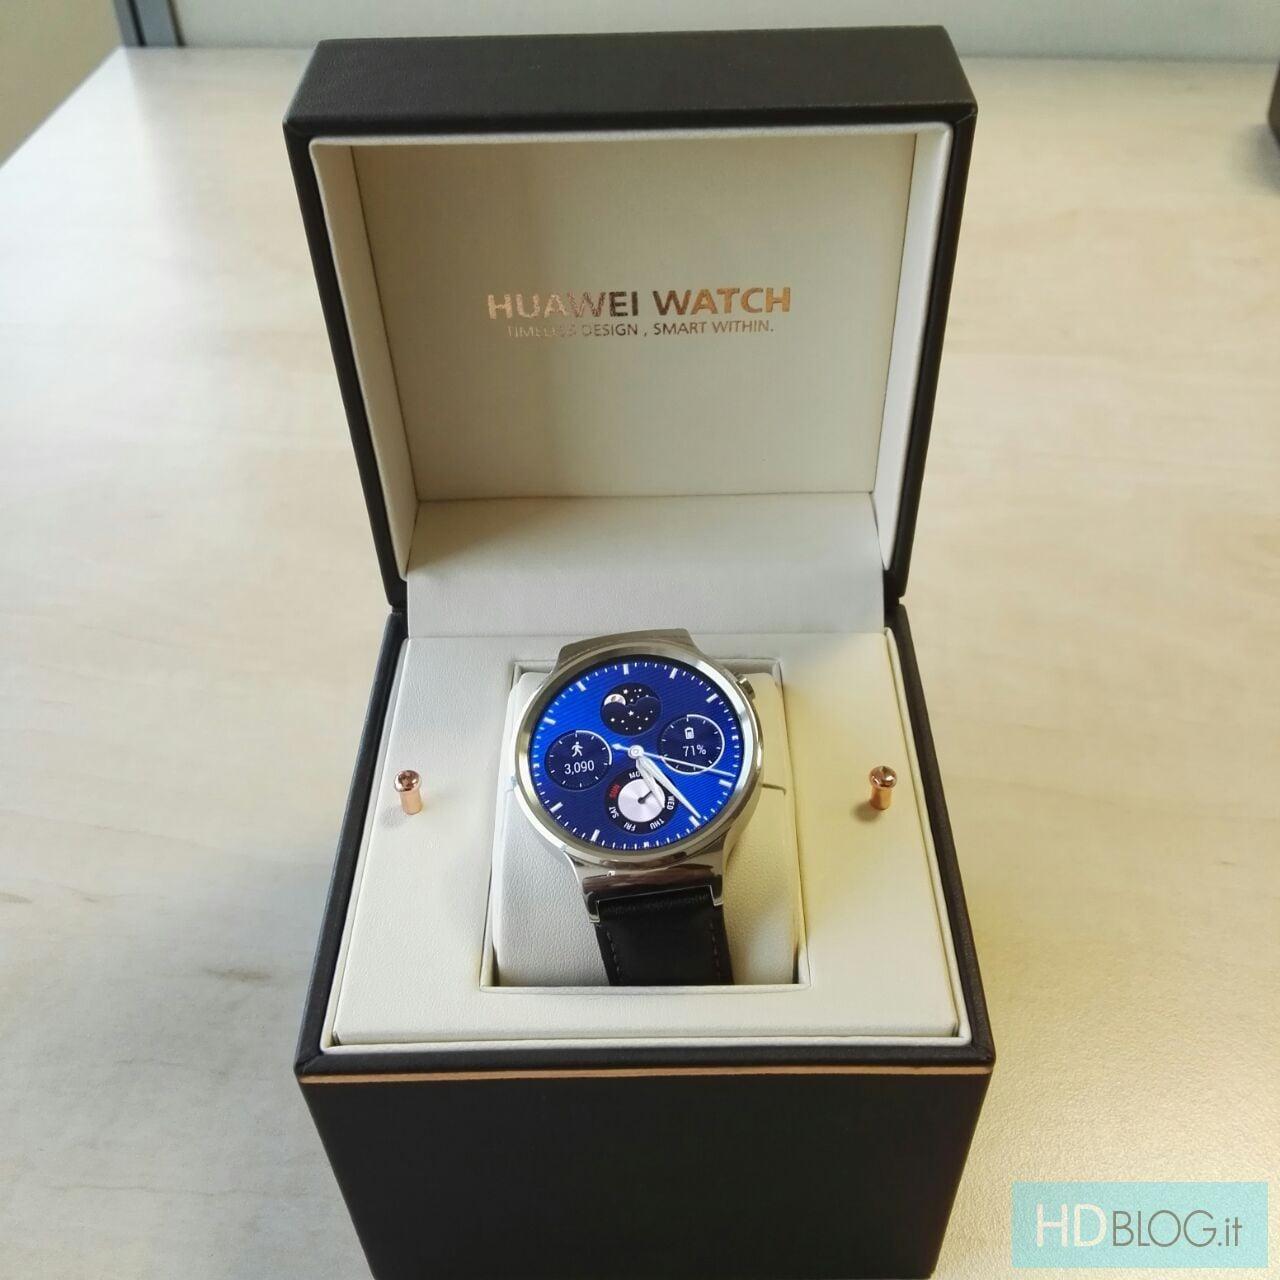 Huawei Watch nella sua possibile confezione di vendita (foto)